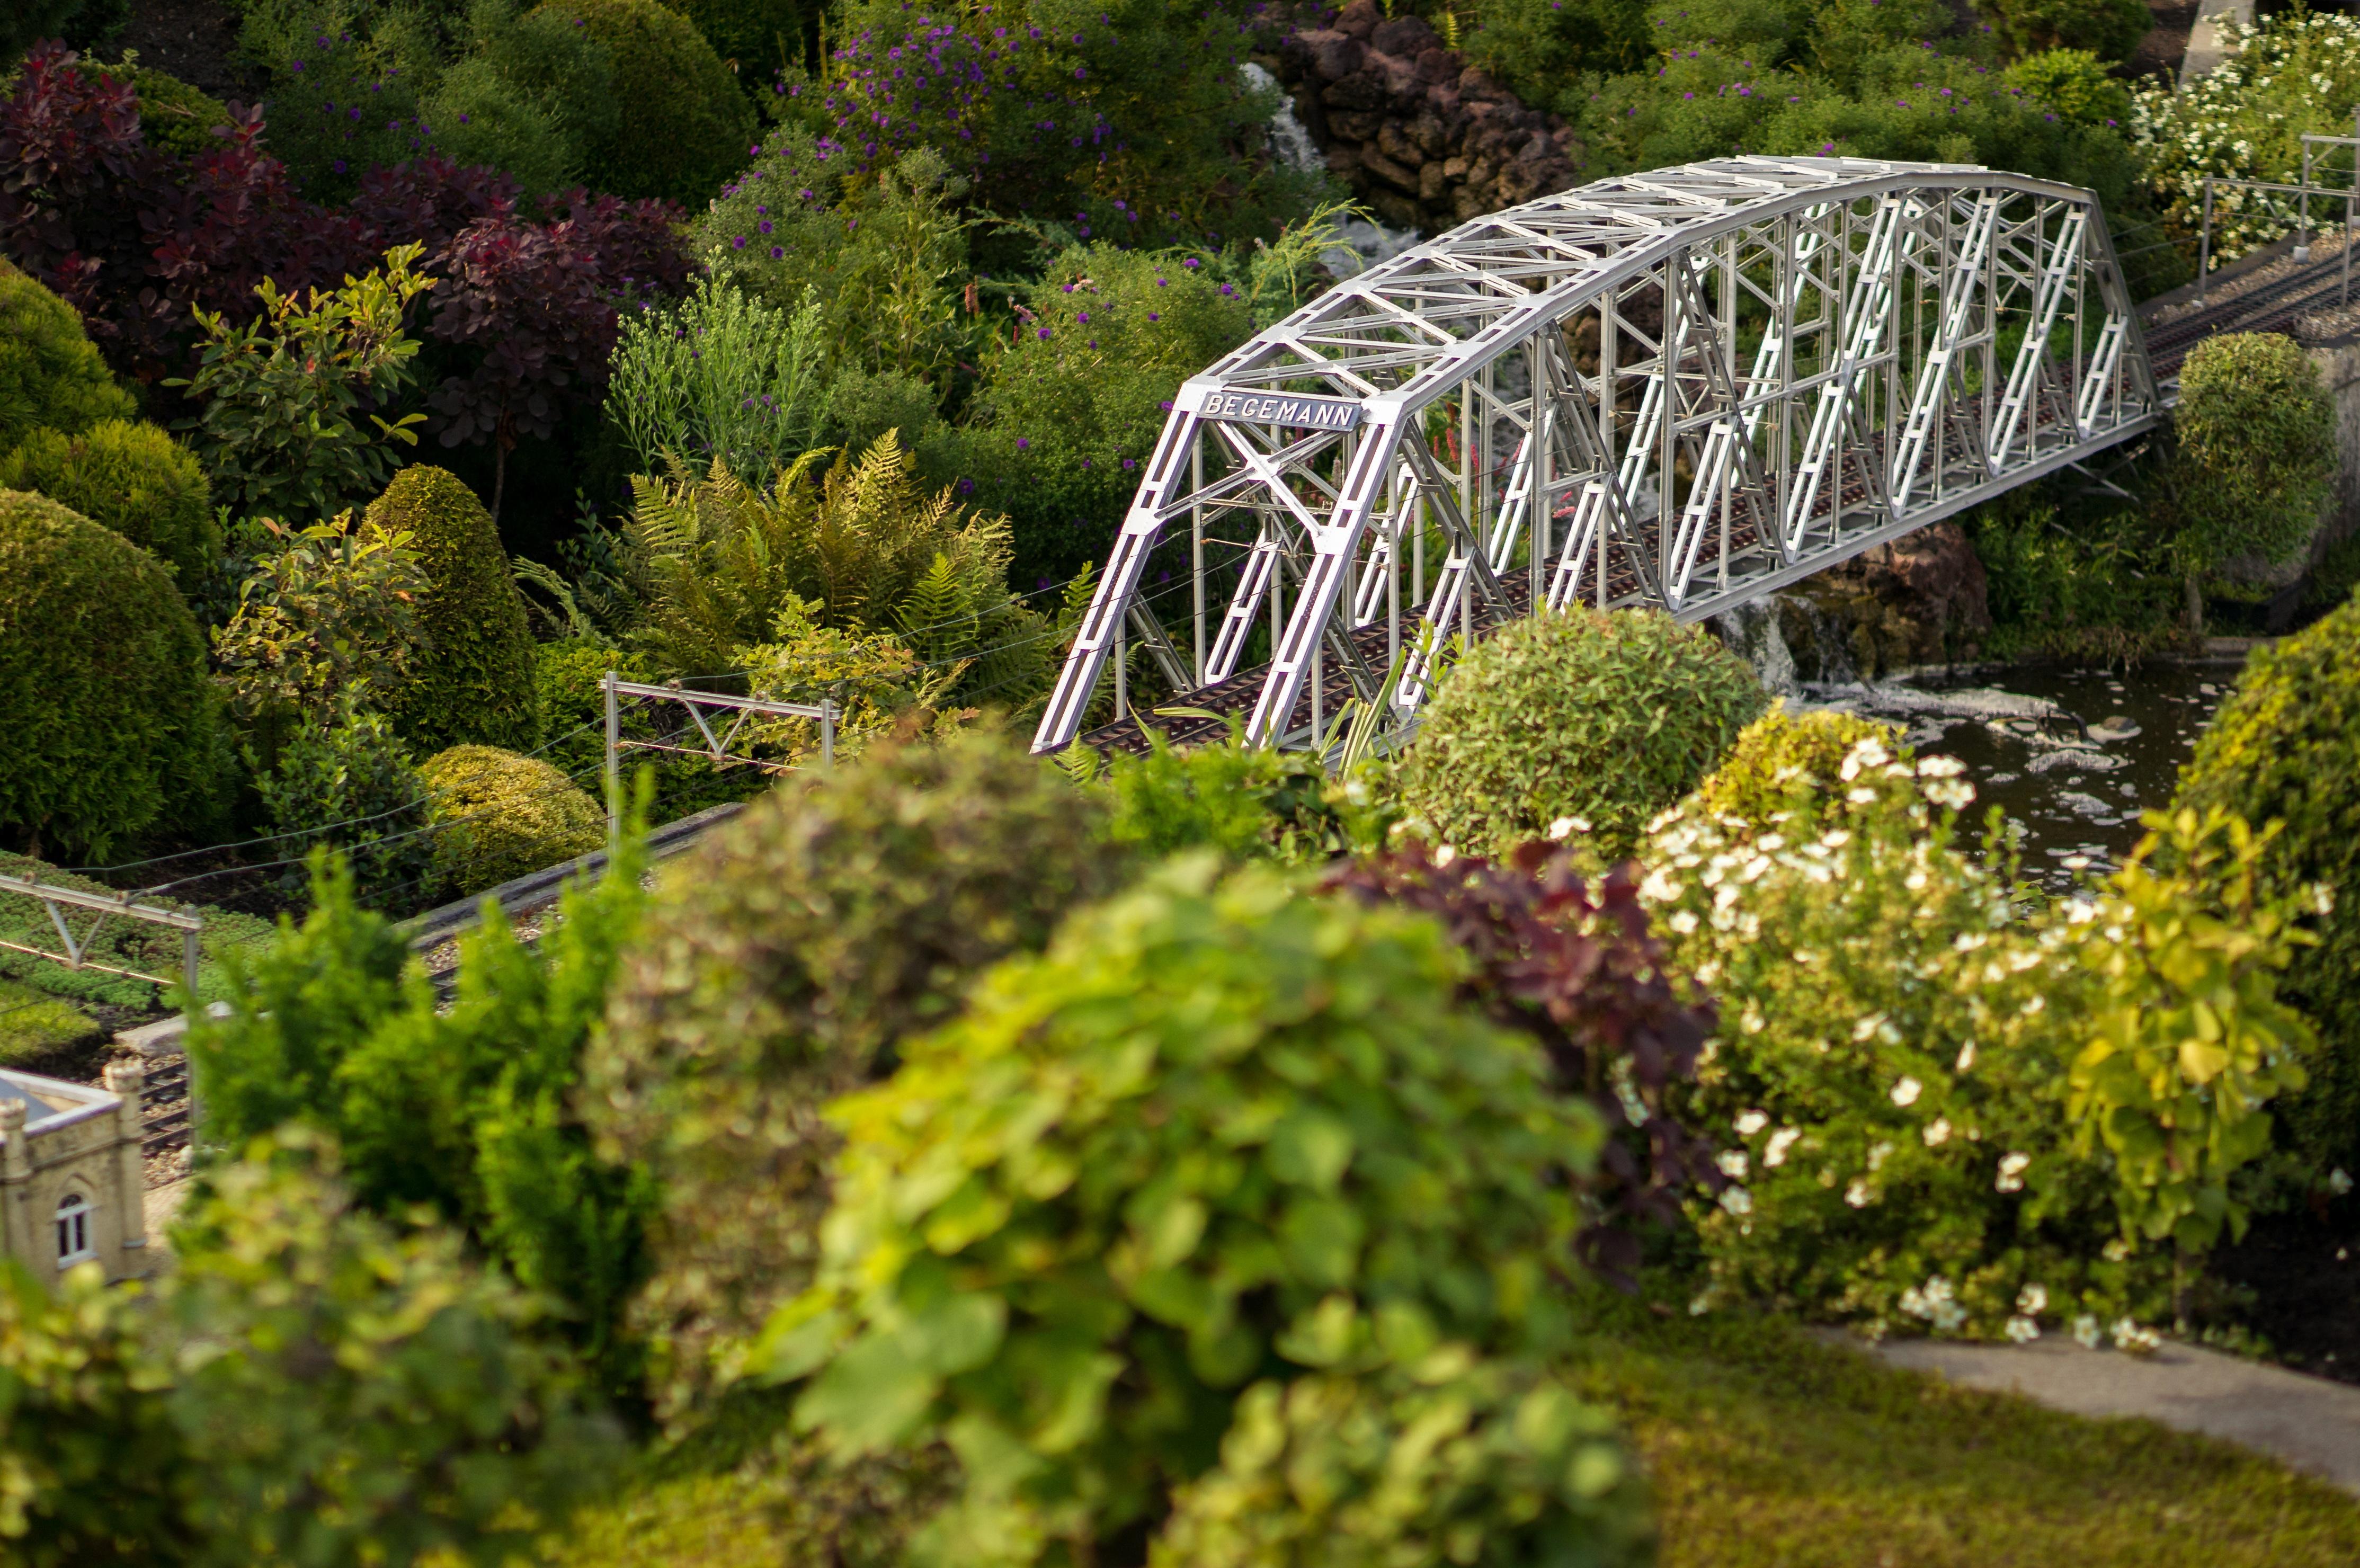 Free Images : tree, flower, backyard, botany, shrub ...